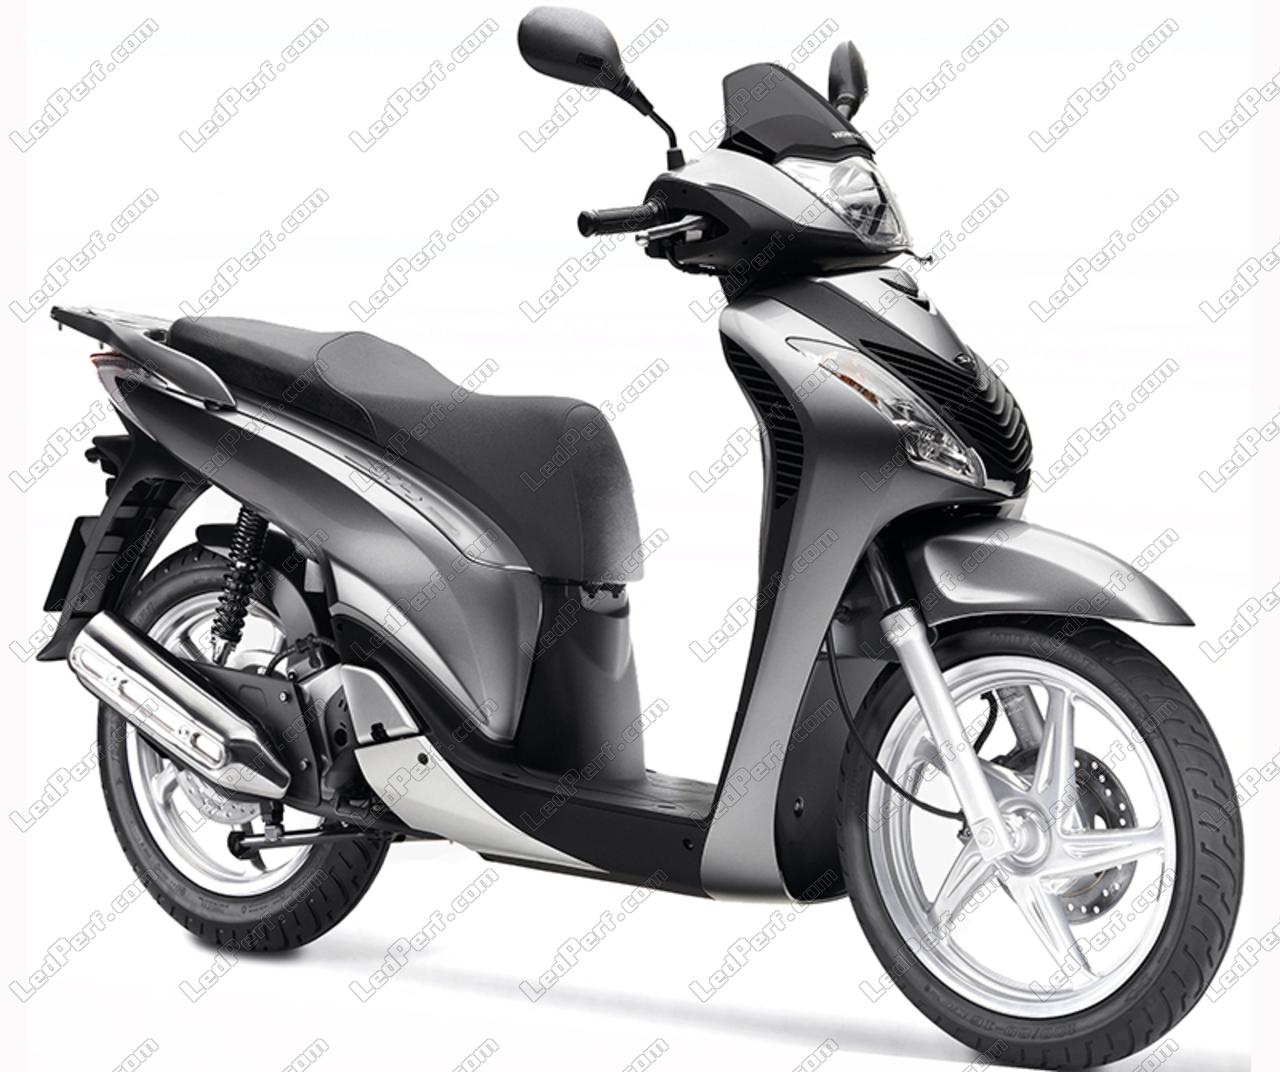 Honda scooter sh 125